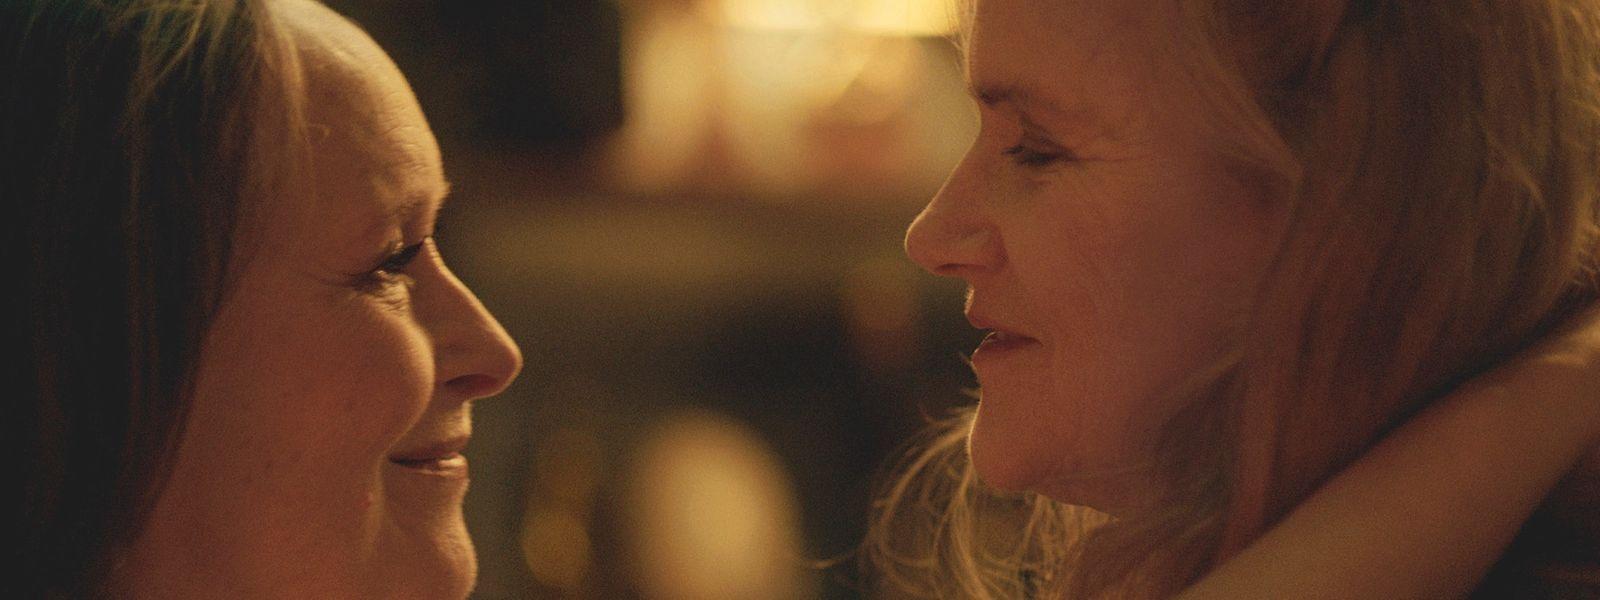 Le film Two of us (Deux) était sur les écrans luxembourgeois voilà tout juste un an. Maintenant Hollywood lui fait de l'oeil...